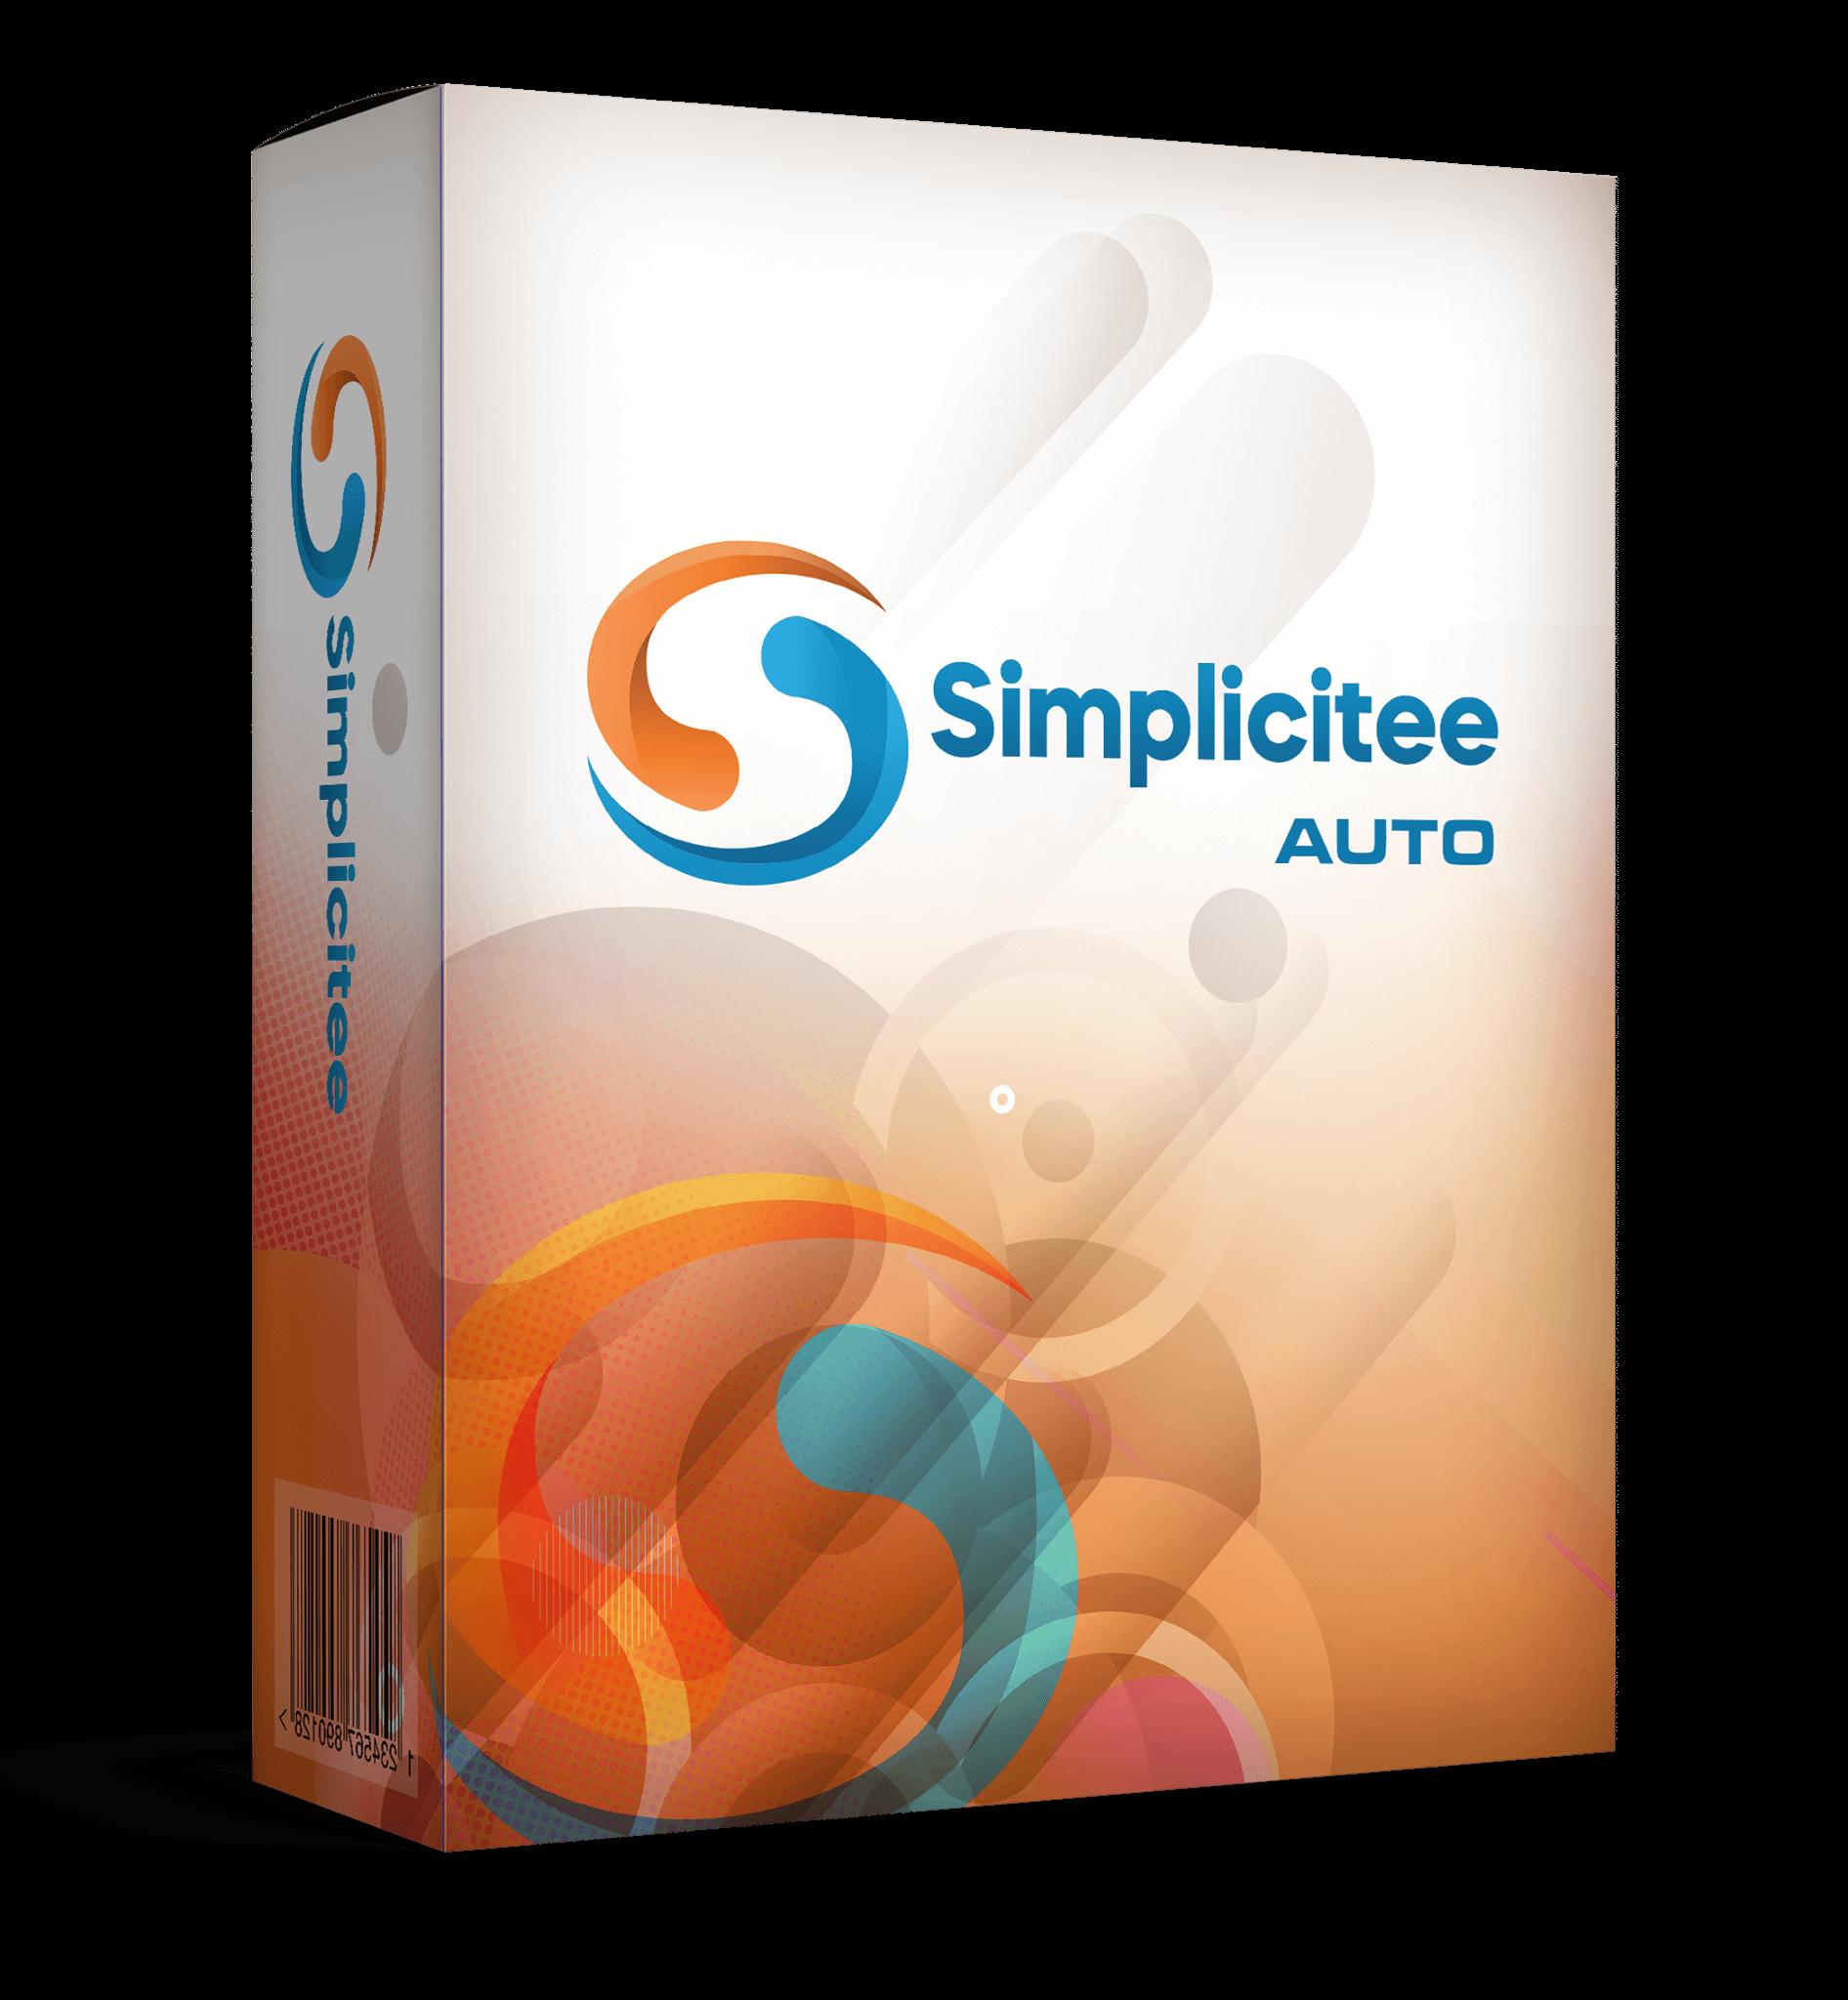 Simplicitee-oto-2